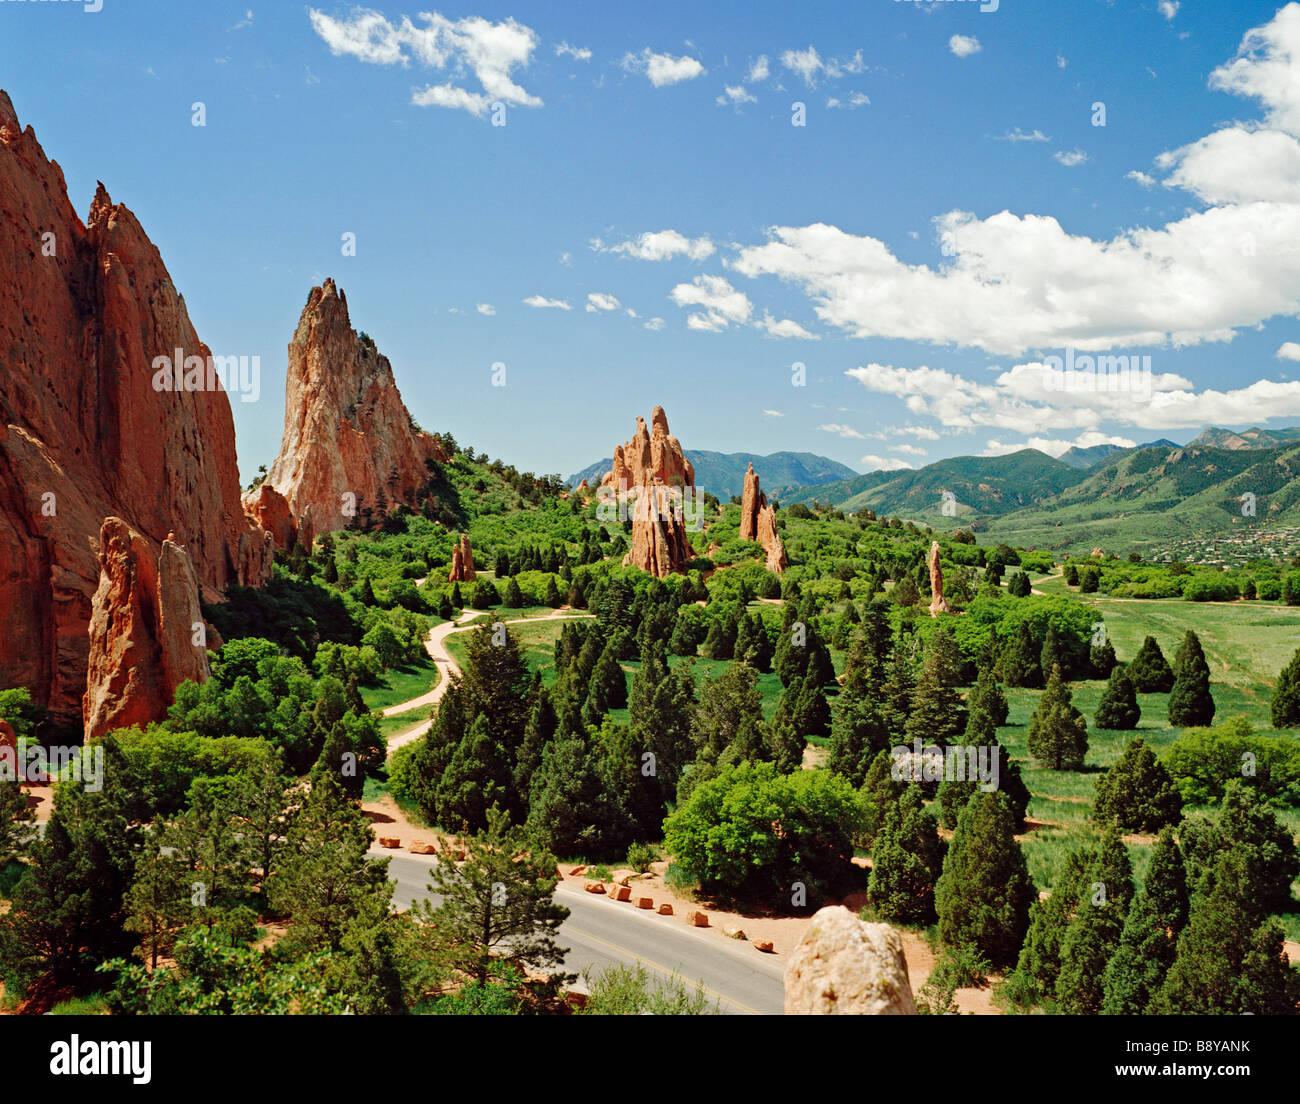 USA COLORADO SPRINGS GARDEN OF THE GODS - Stock Image